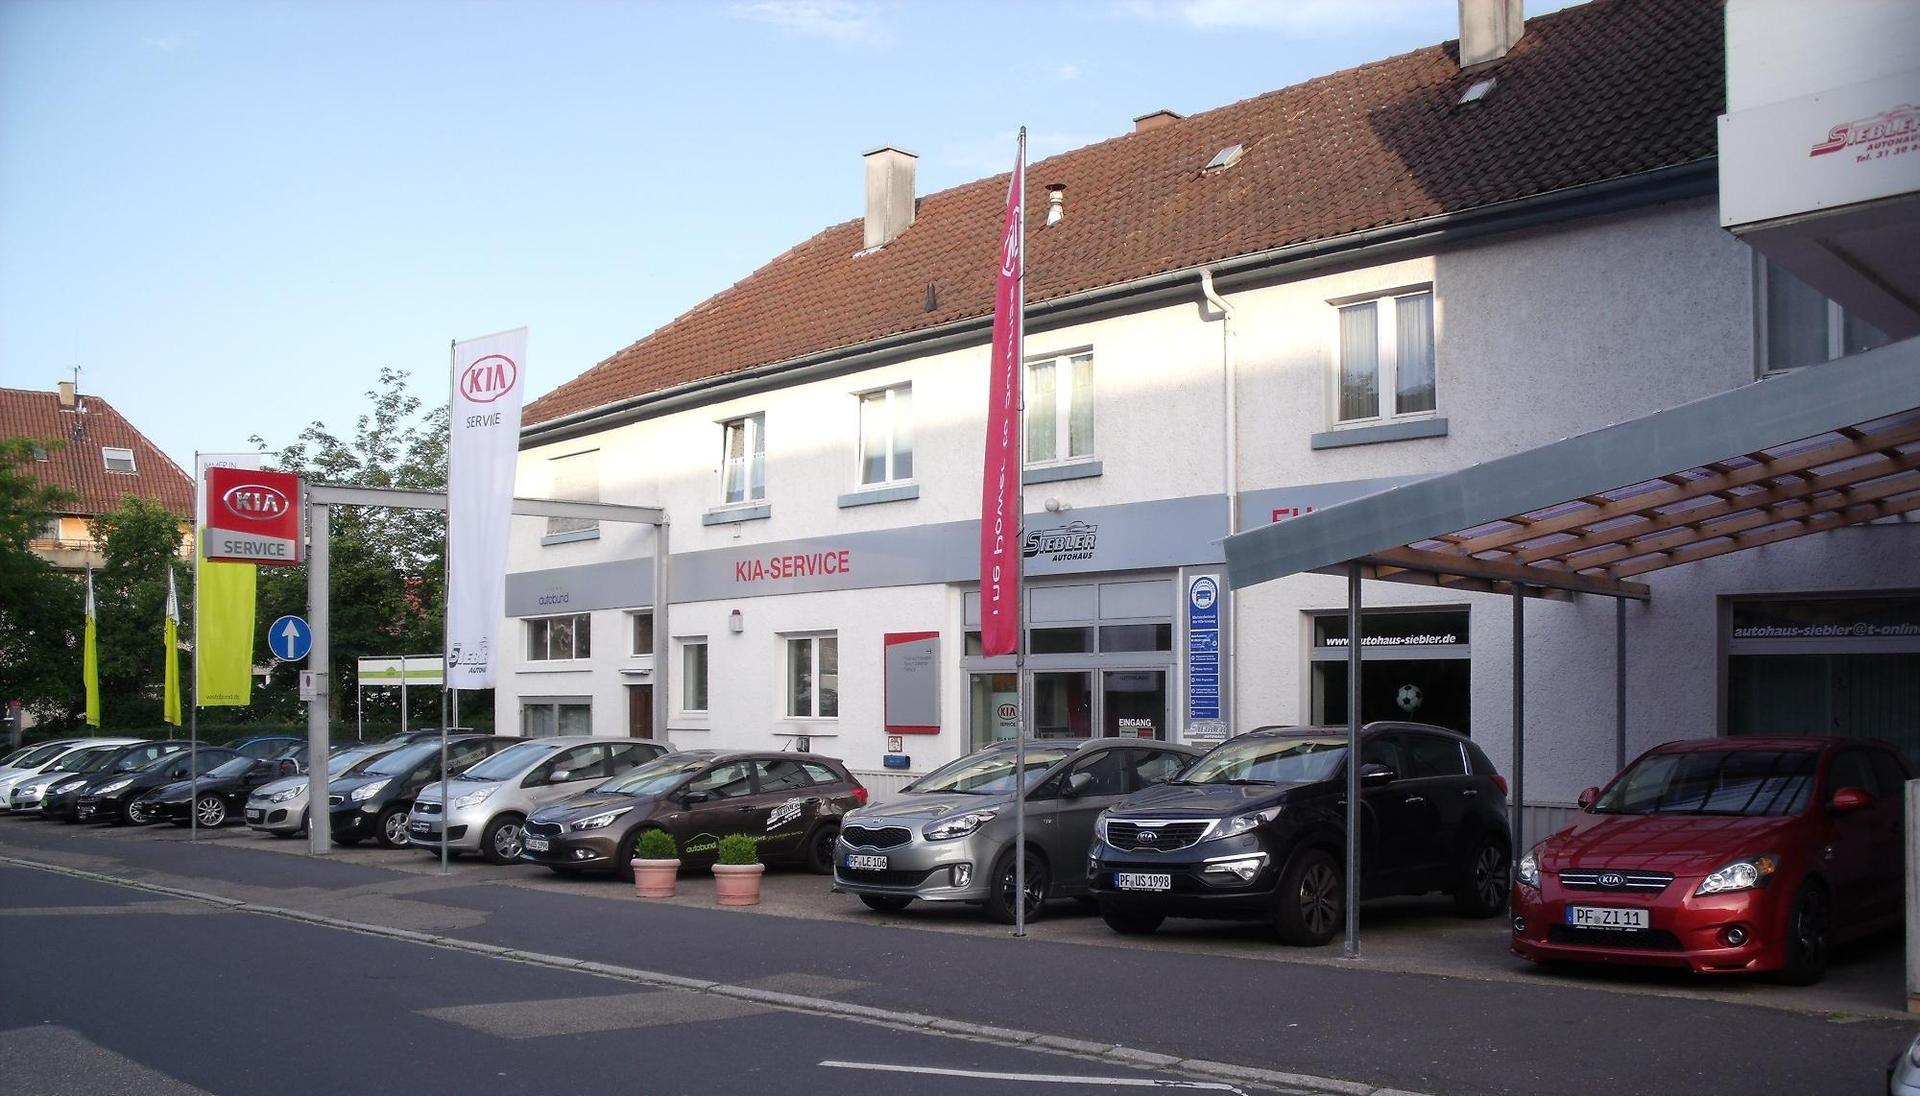 Autohaus Siebler - Ihr Partner für Kia, Autobund, EU- und Gebrauchtwagen für Pforzheim und die Region.